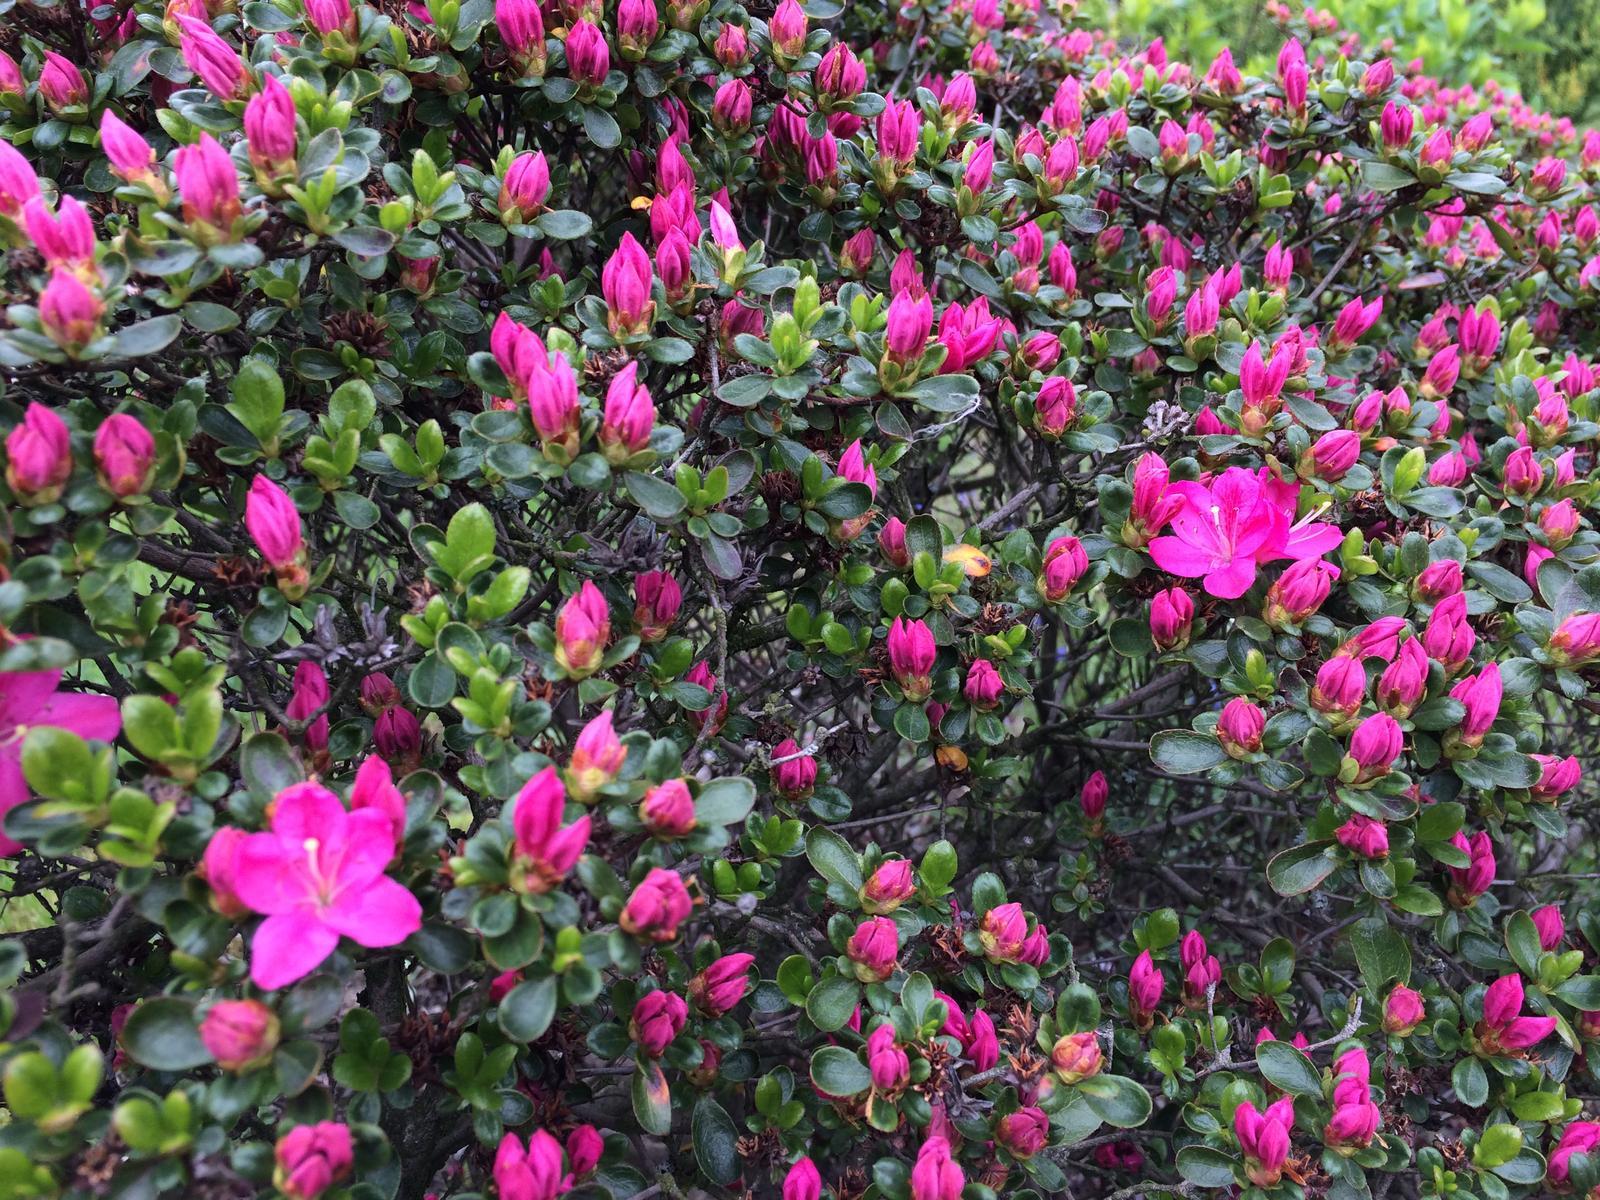 Dům i Zahrada 2019 - první kvítky